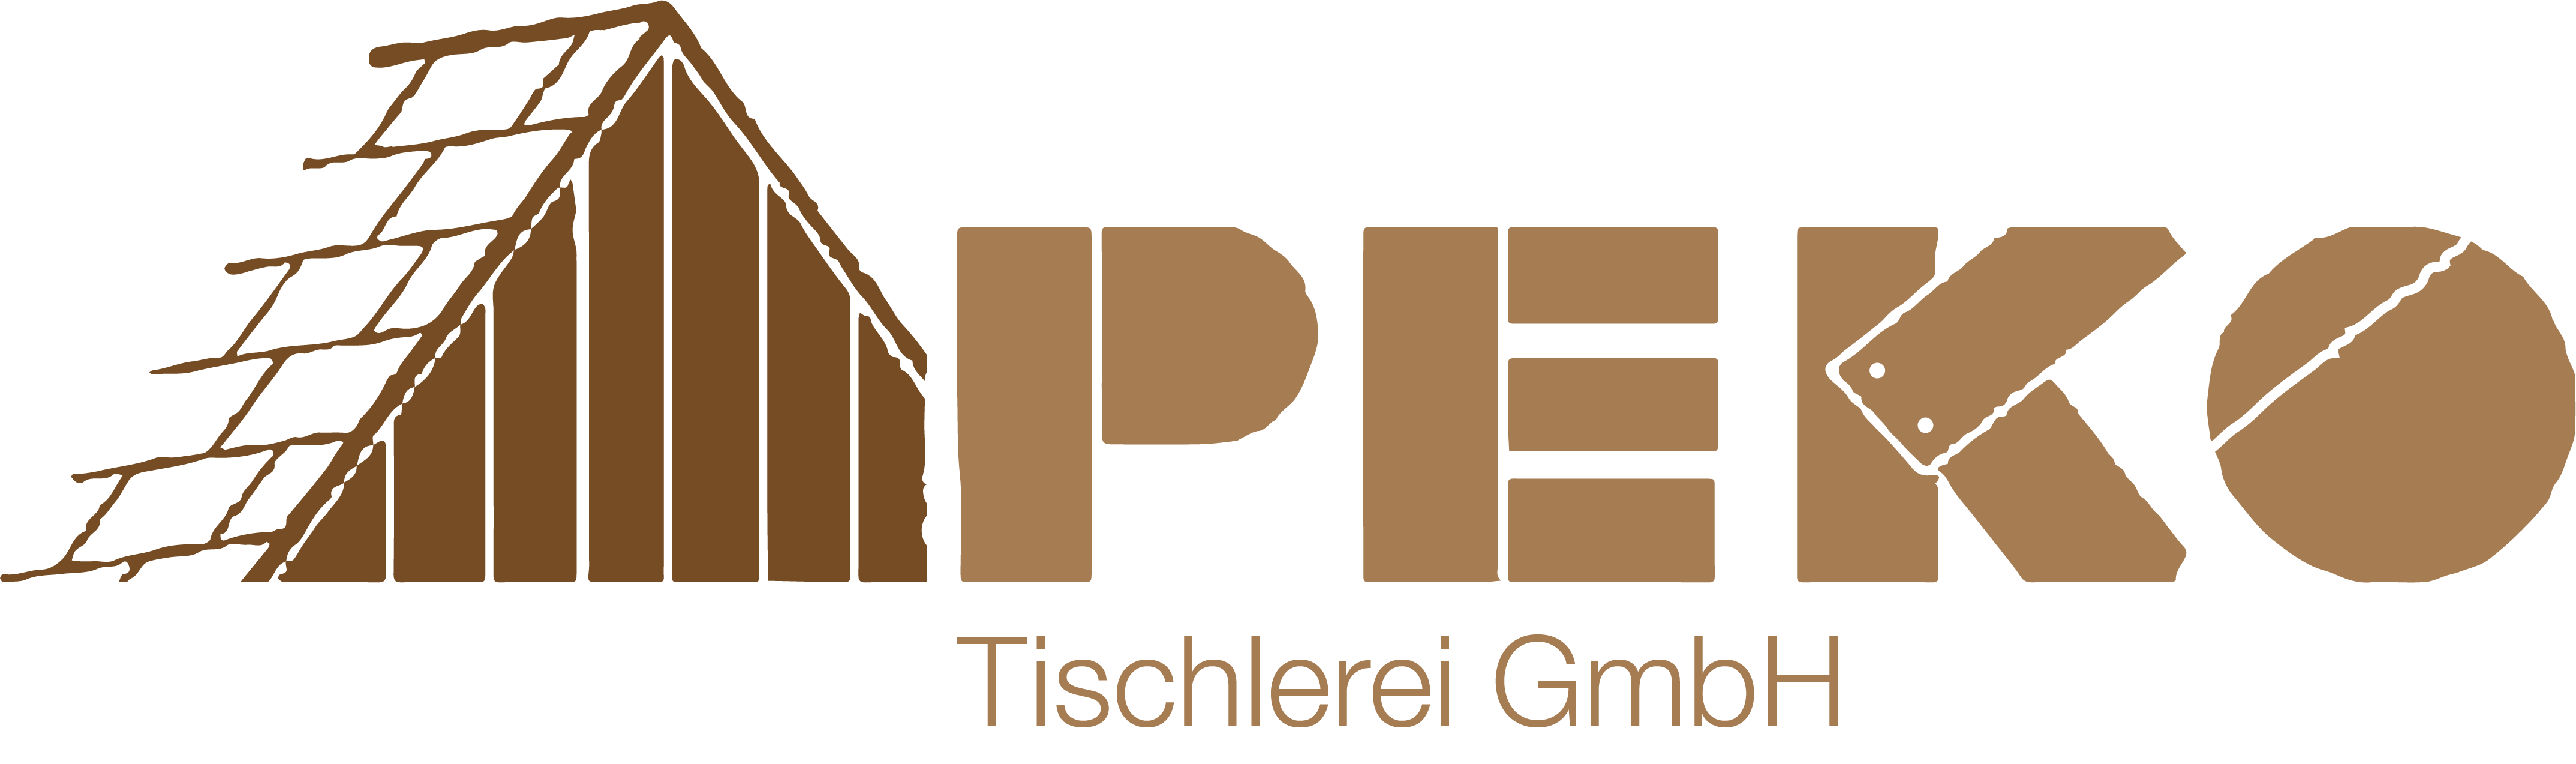 PEKO-Tischlerei